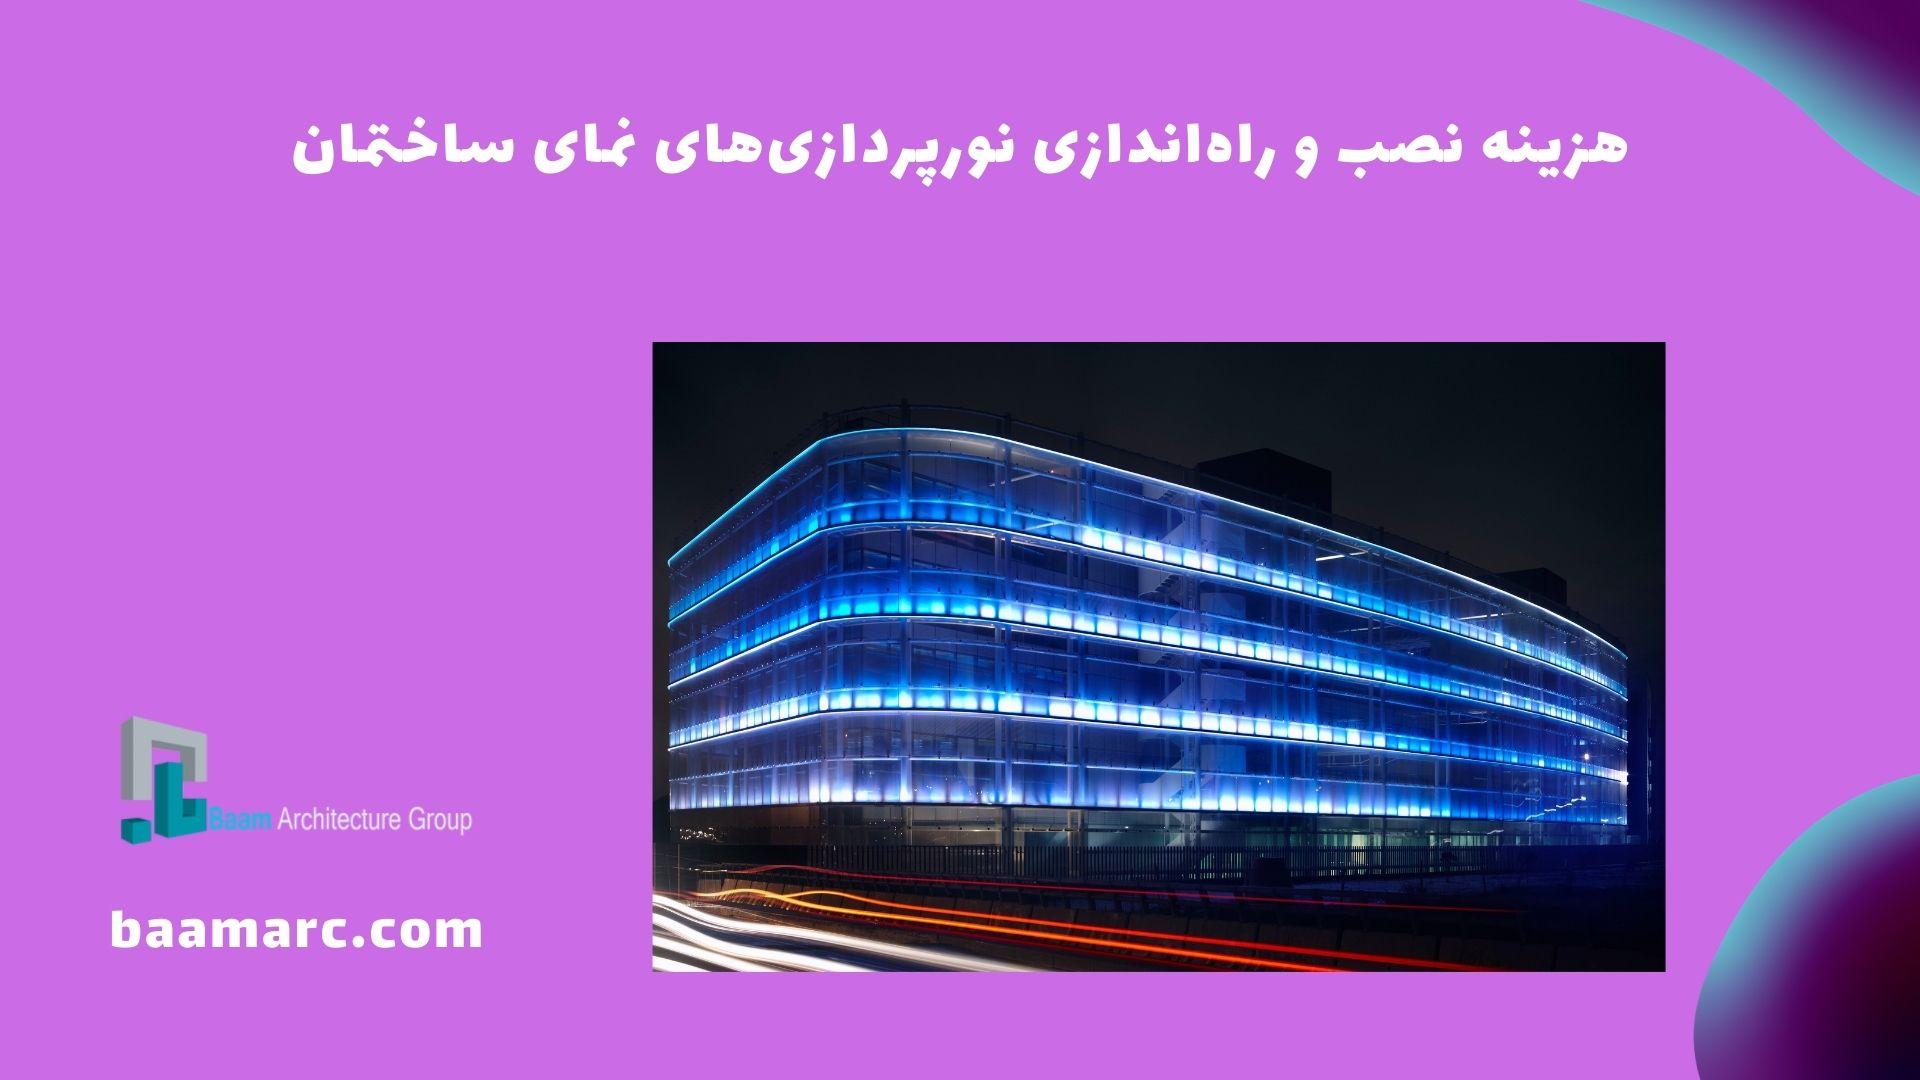 هزینه نصب و راهاندازی نورپردازیهای نمای ساختمان